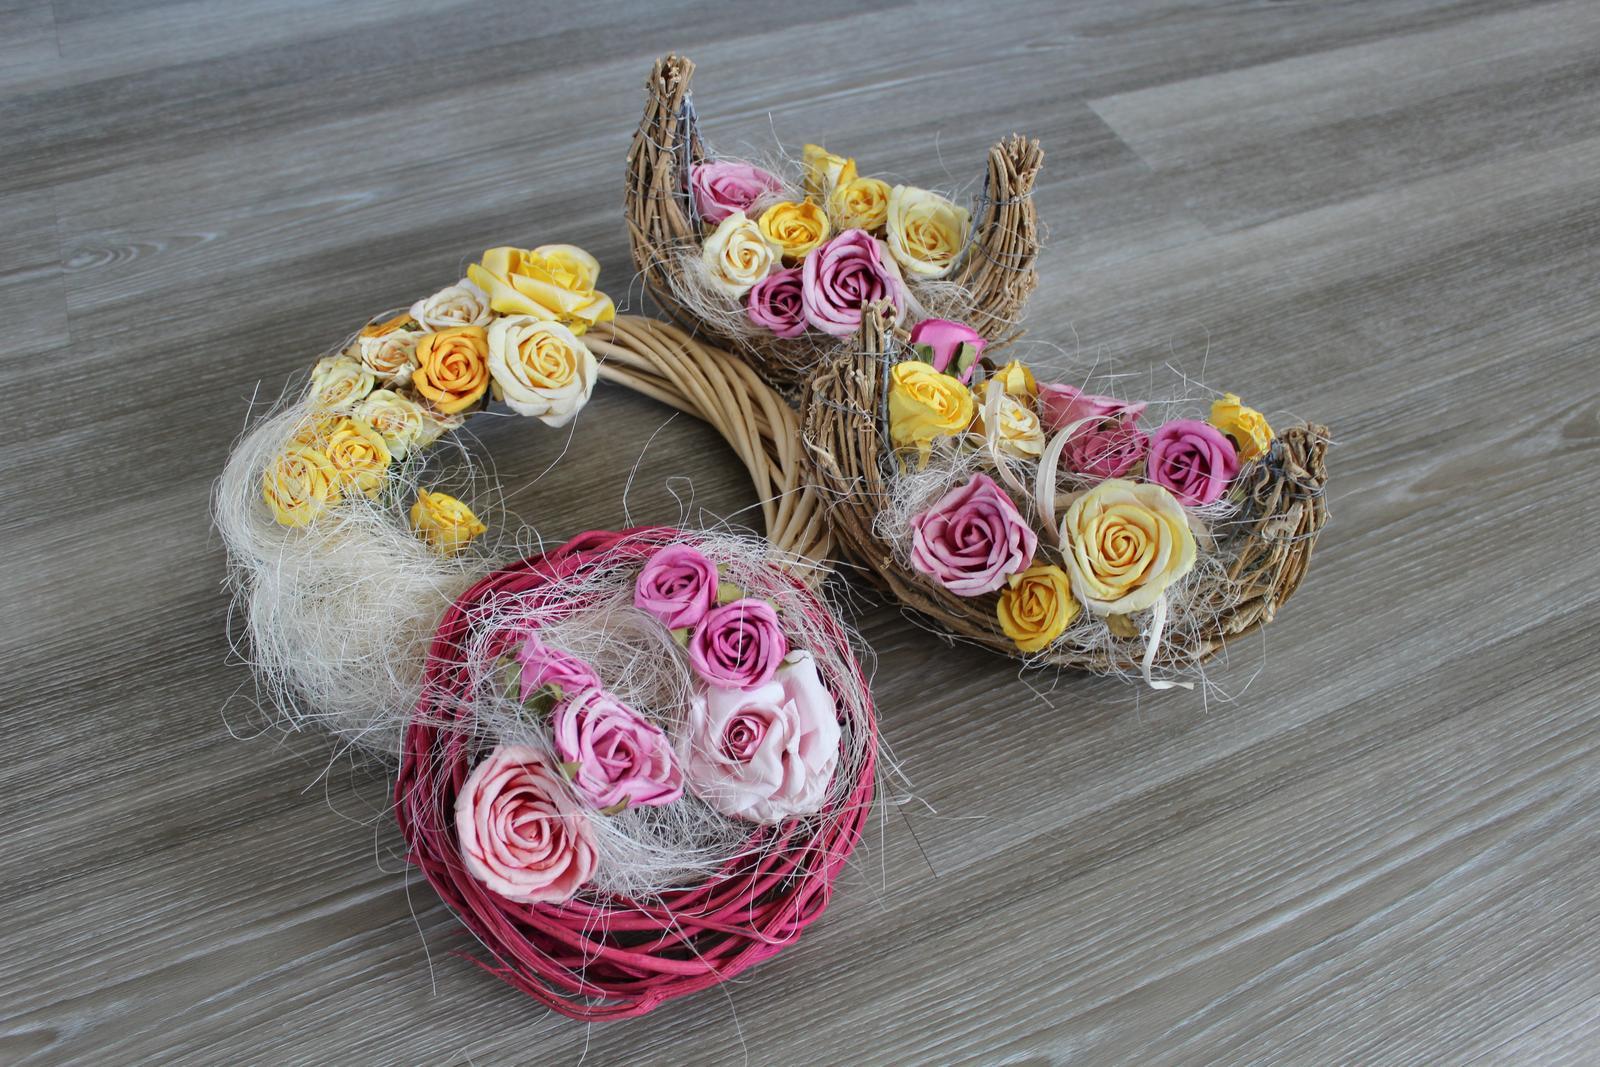 Věnec a dekorace s květinovou výzdobou, růže - Obrázek č. 1